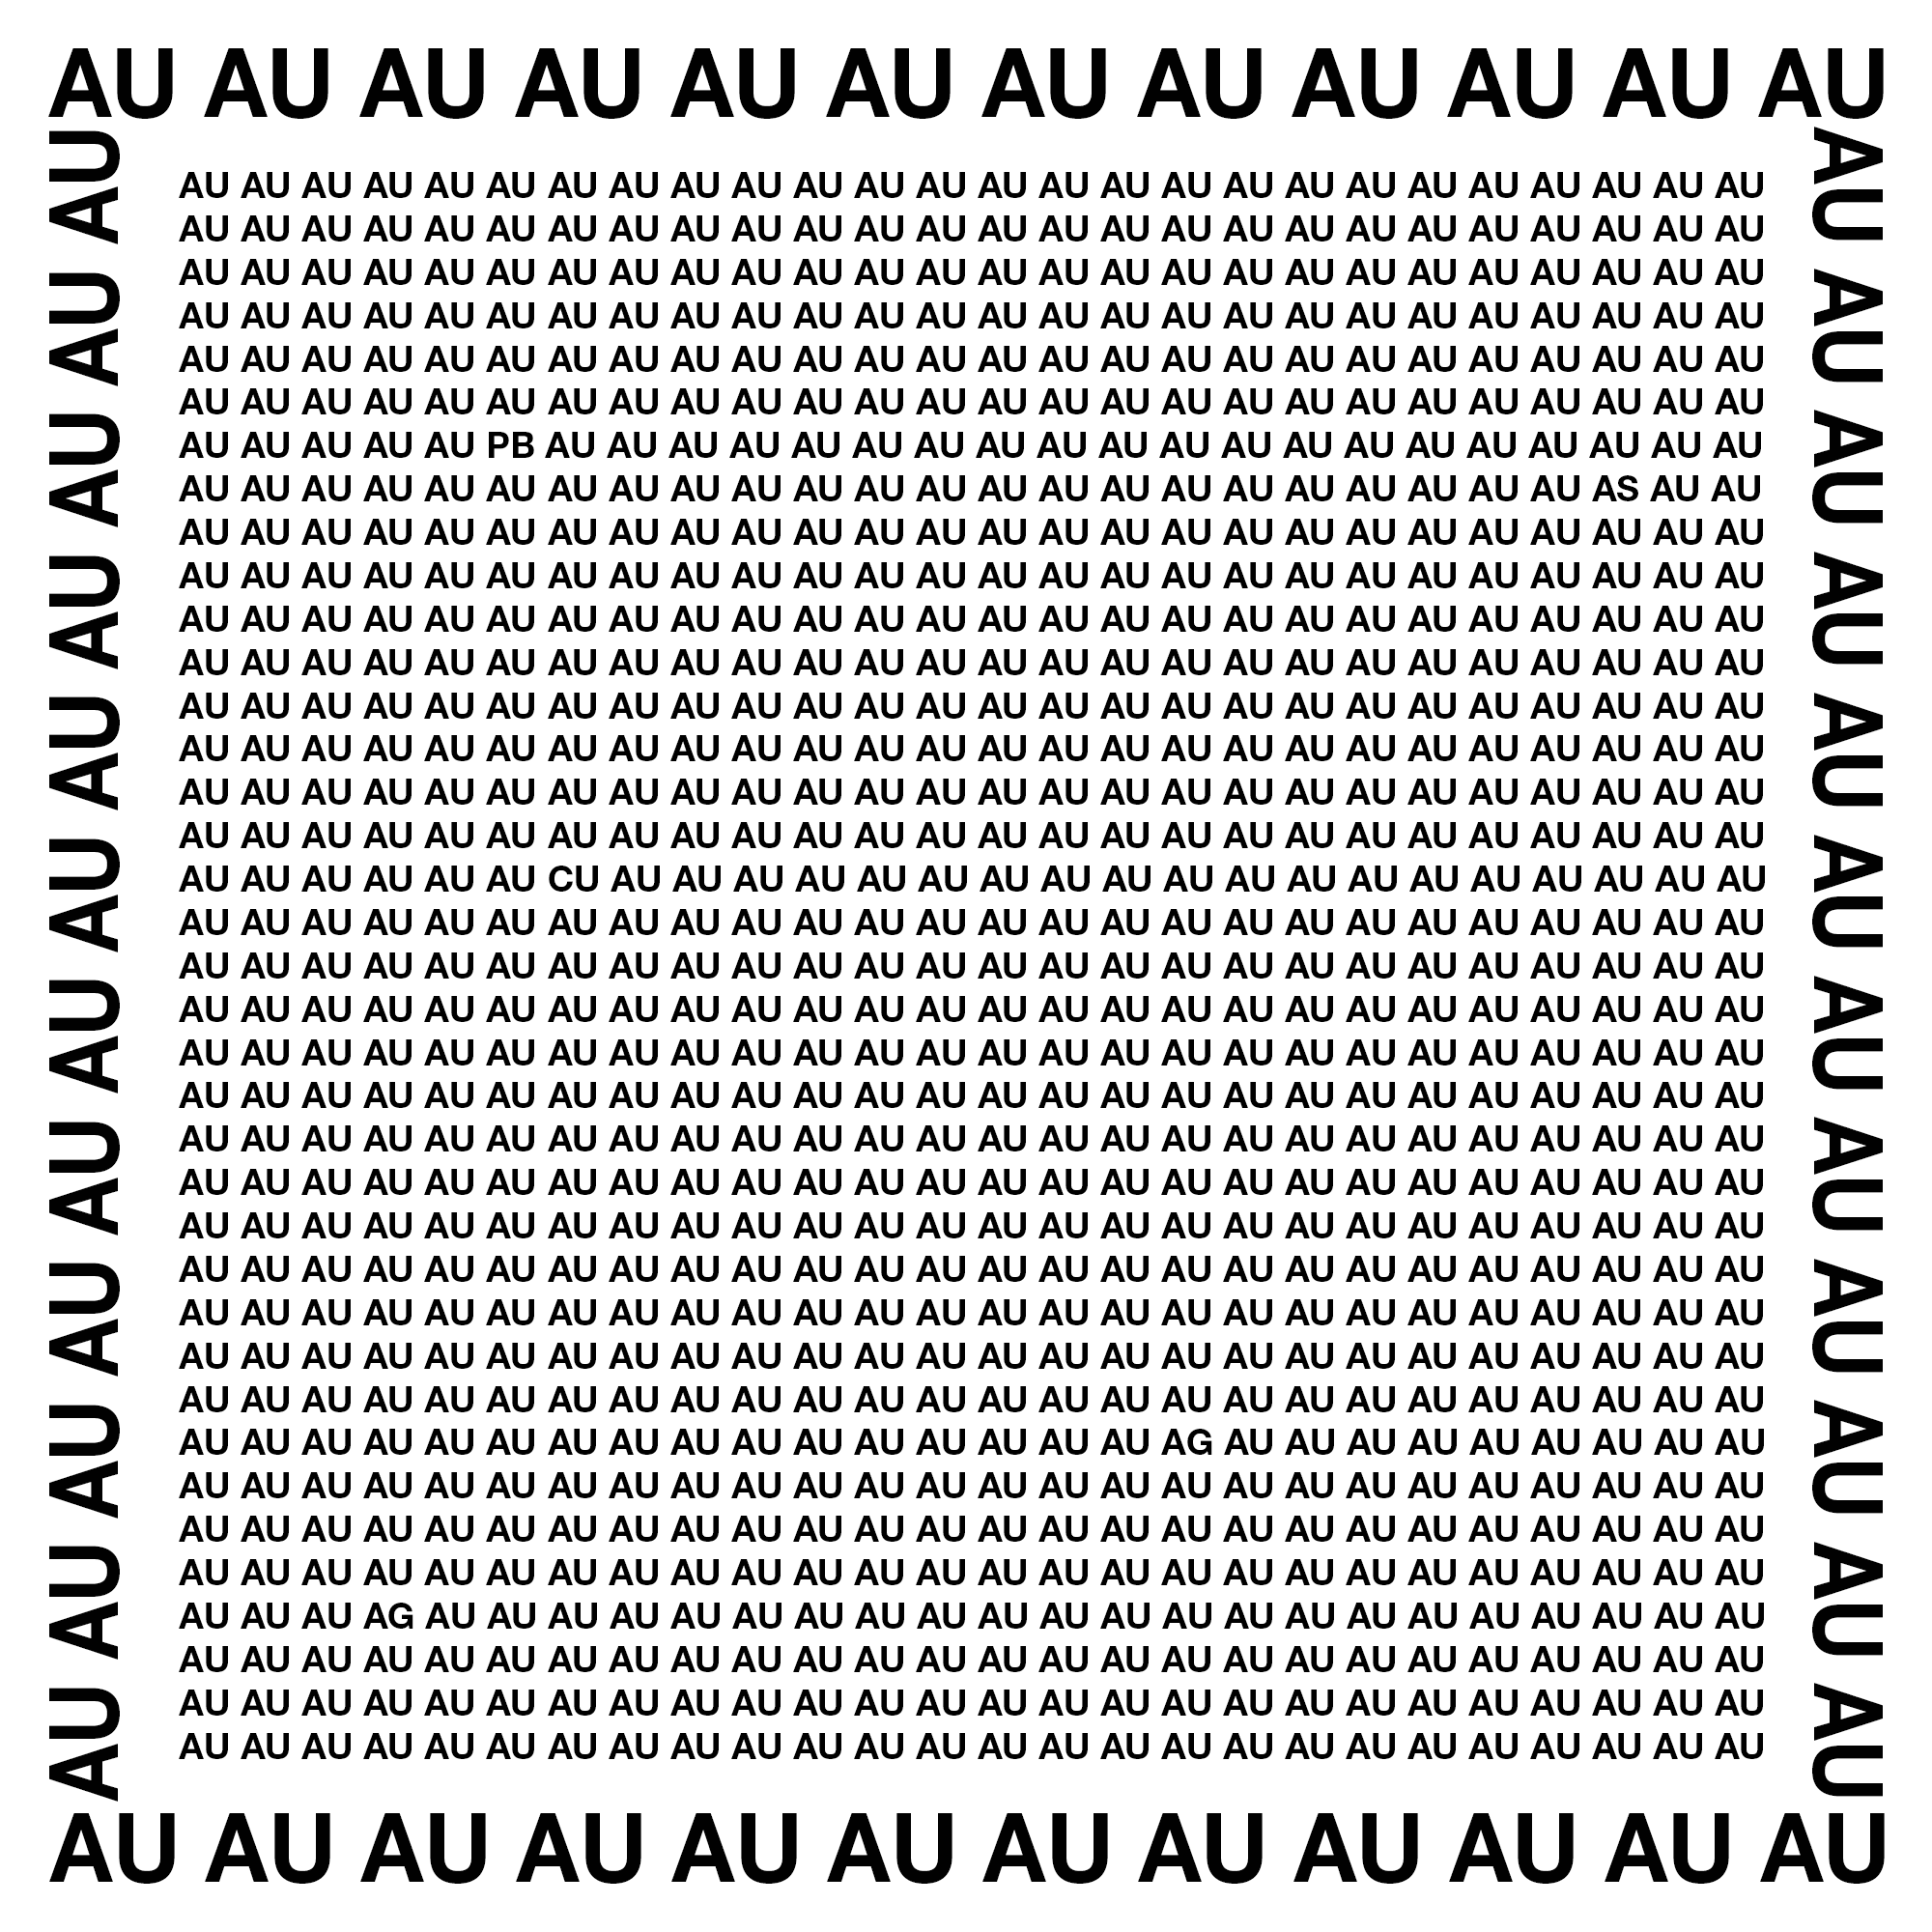 David le Viseur_AUAUAU (Golden Image in Golden Frame), 2019